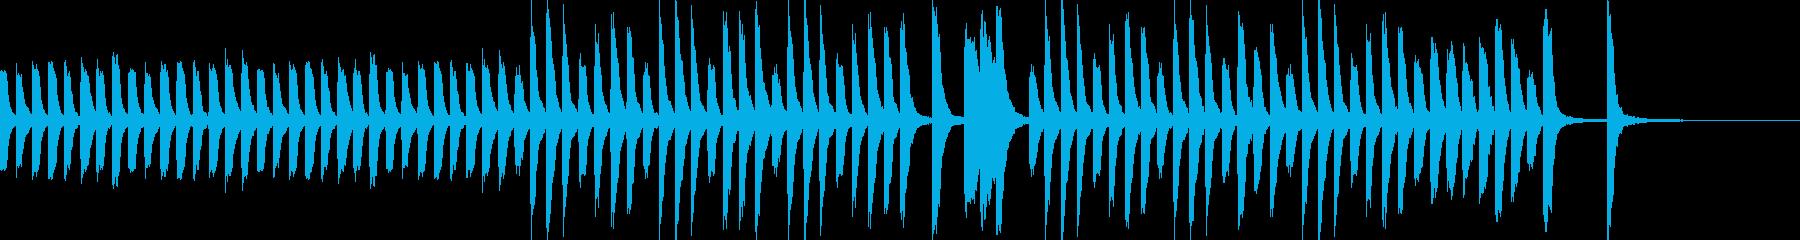 ほのぼのカワイイ教育子供シーンピアノソロの再生済みの波形